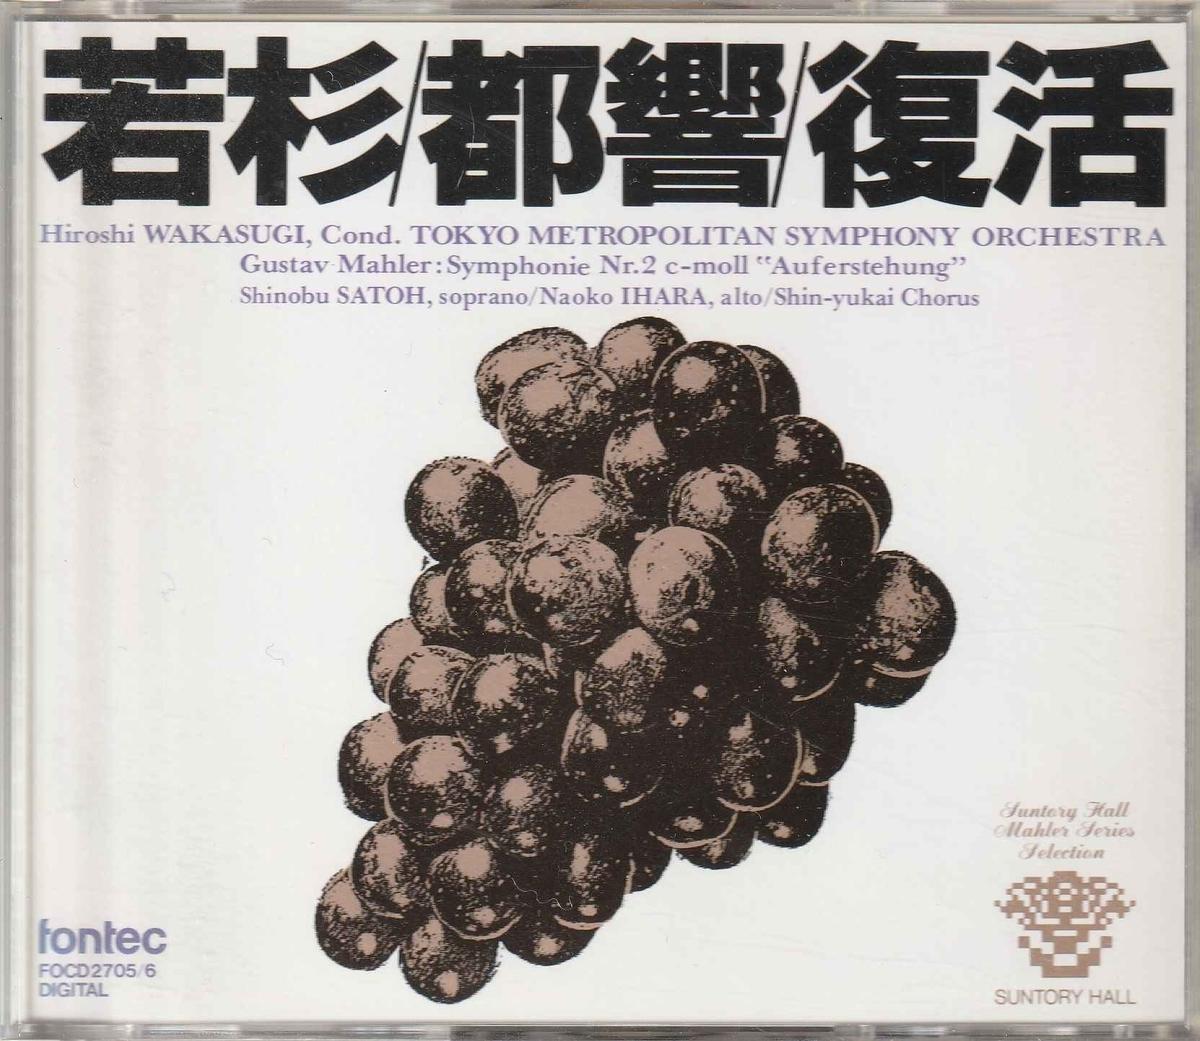 f:id:ikoma-san-jin:20210410065527j:plain:w150